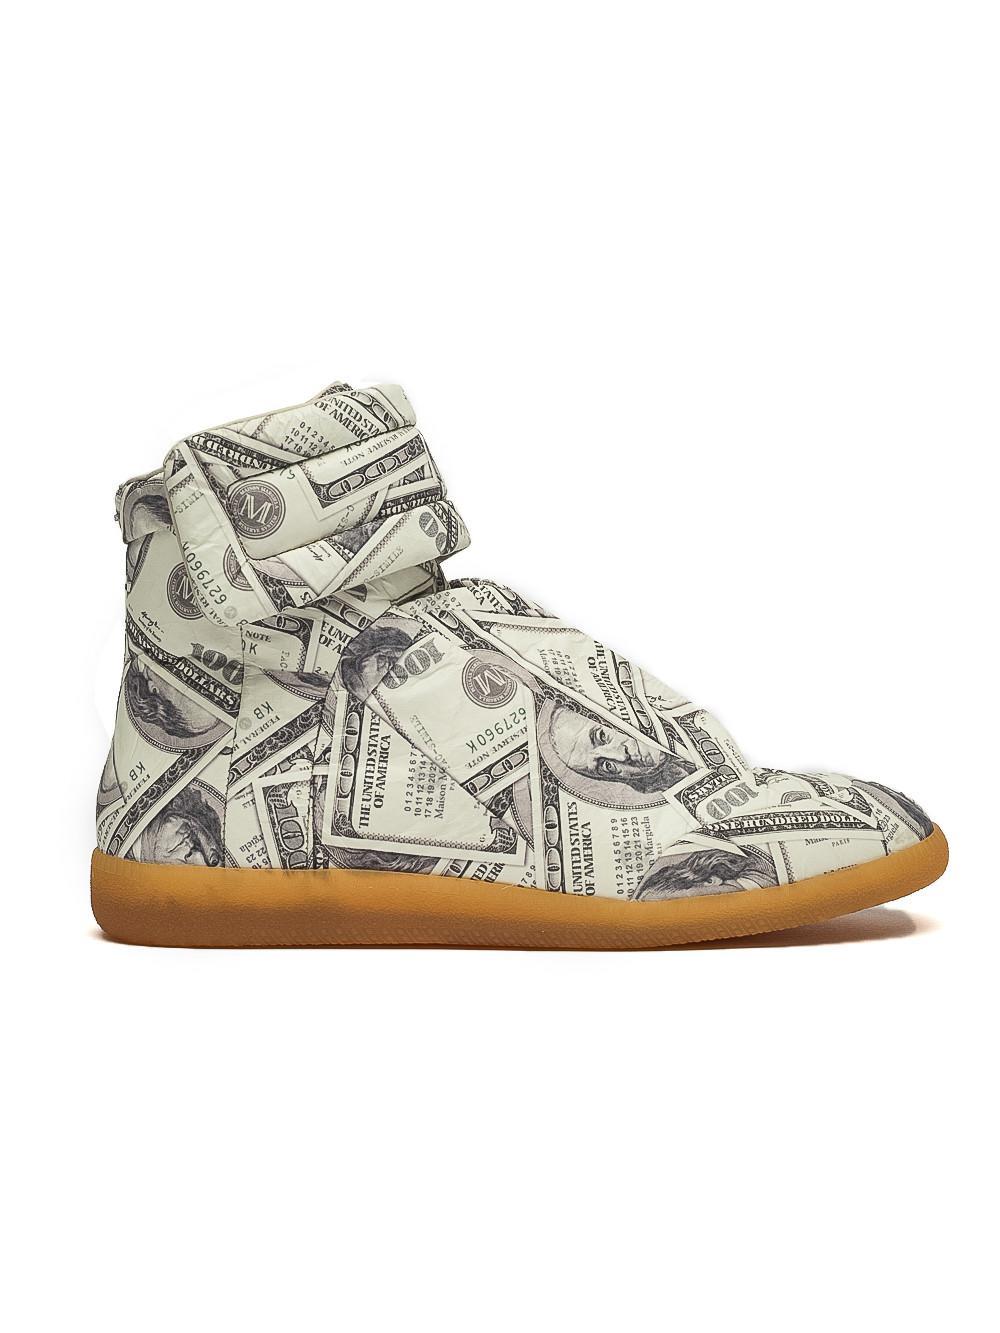 dollar print Future hi-top sneakers - White Maison Martin Margiela 7FQAKumA